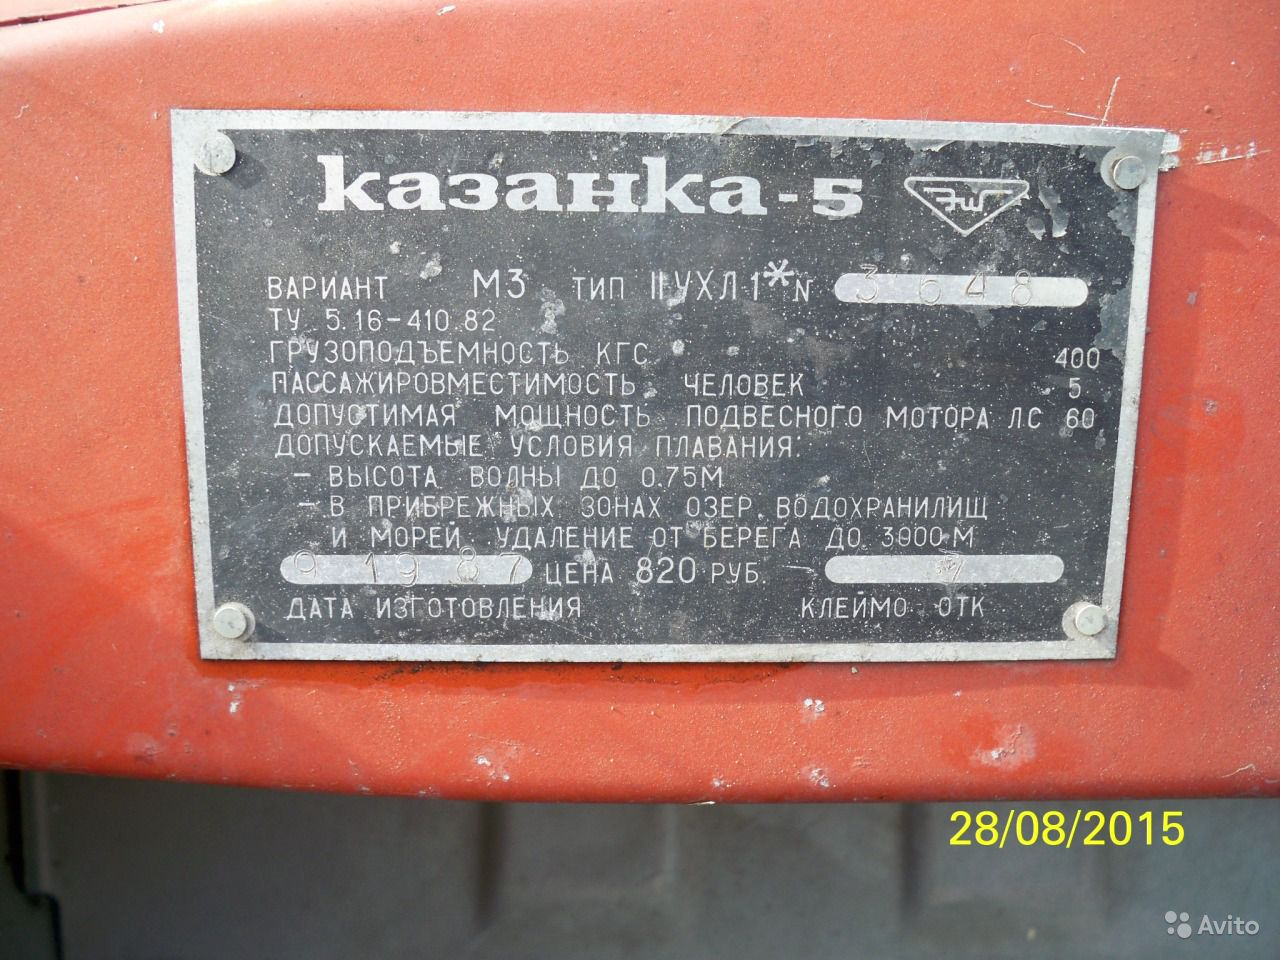 табличка с номером от Казанки-5М3